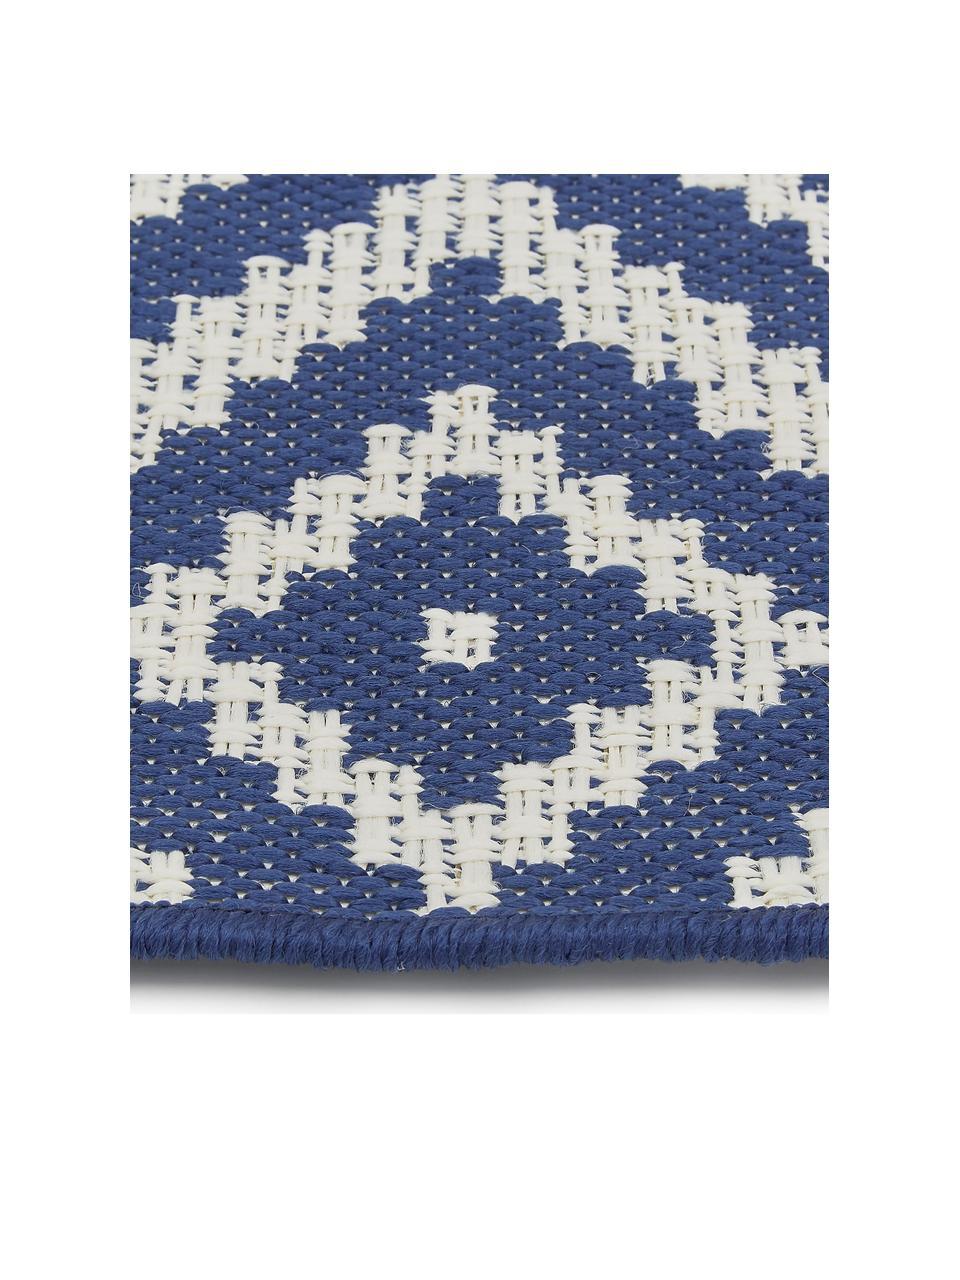 Gemusterter In- & Outdoor-Läufer Miami in Blau/Weiß, 86% Polypropylen, 14% Polyester, Cremeweiß, Blau, 80 x 250 cm